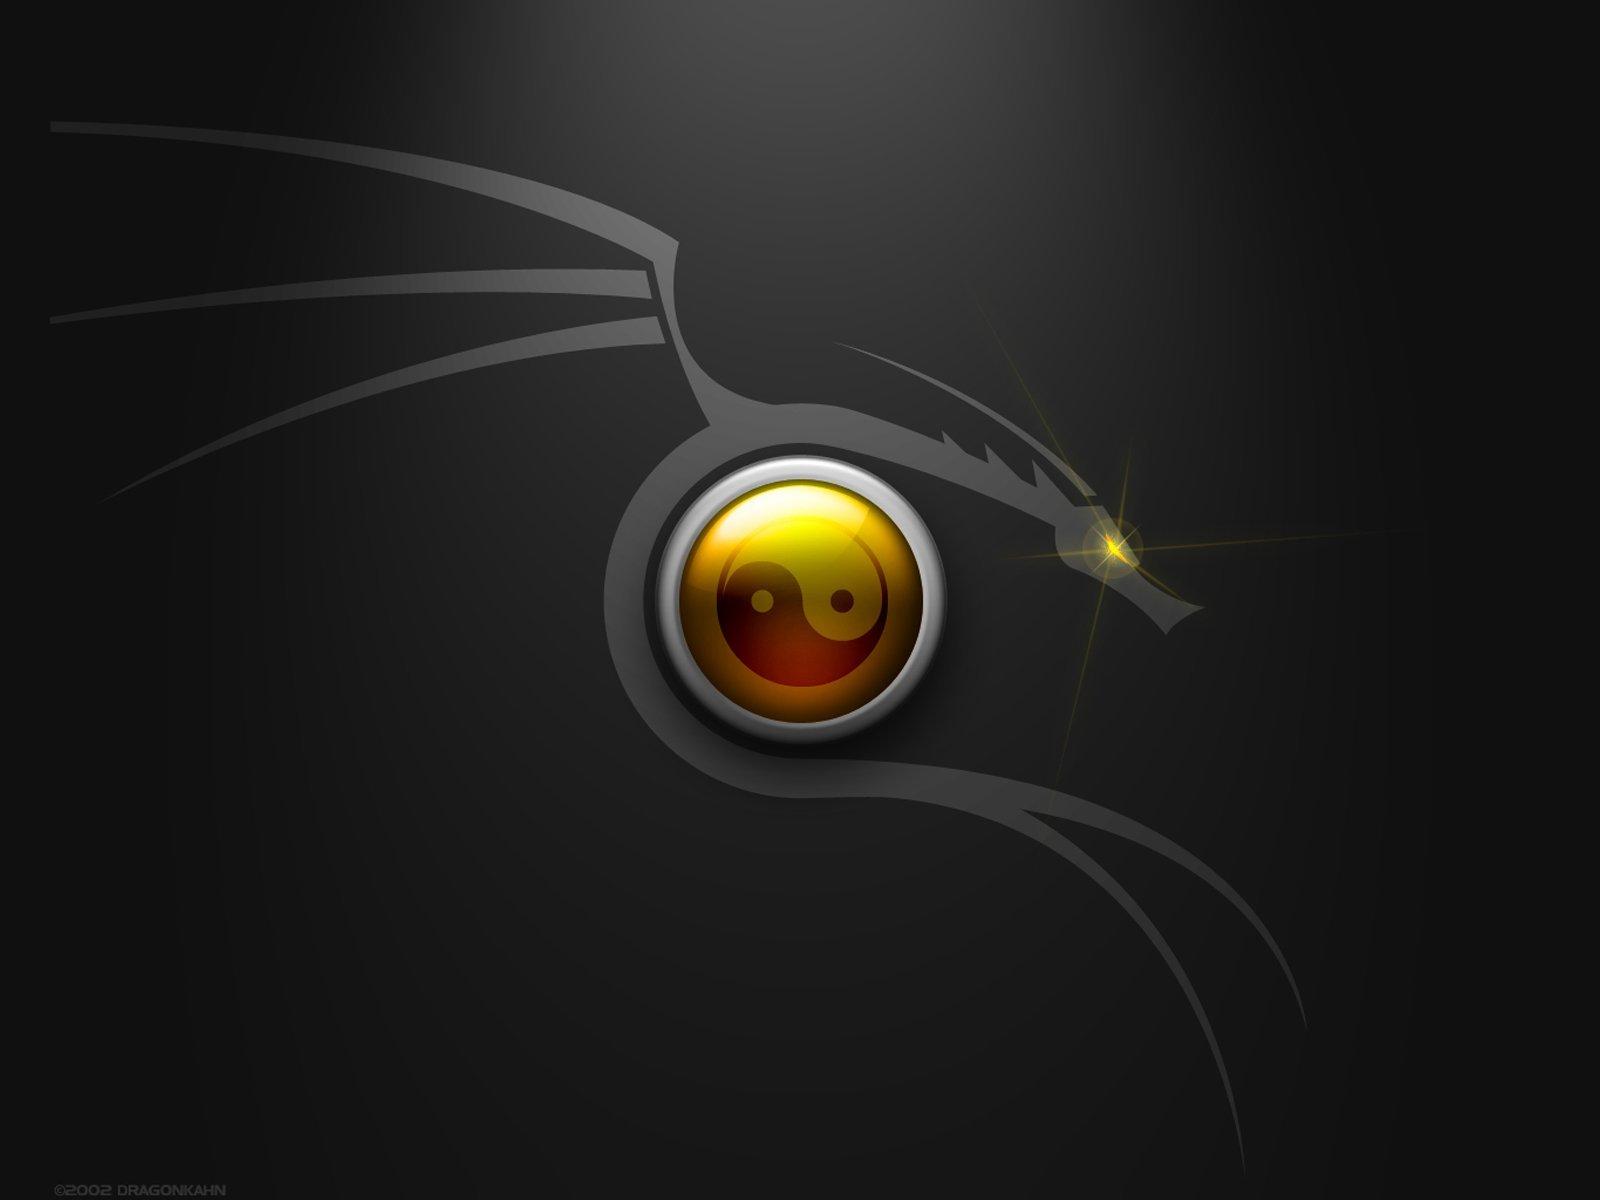 wallpaper yin yang